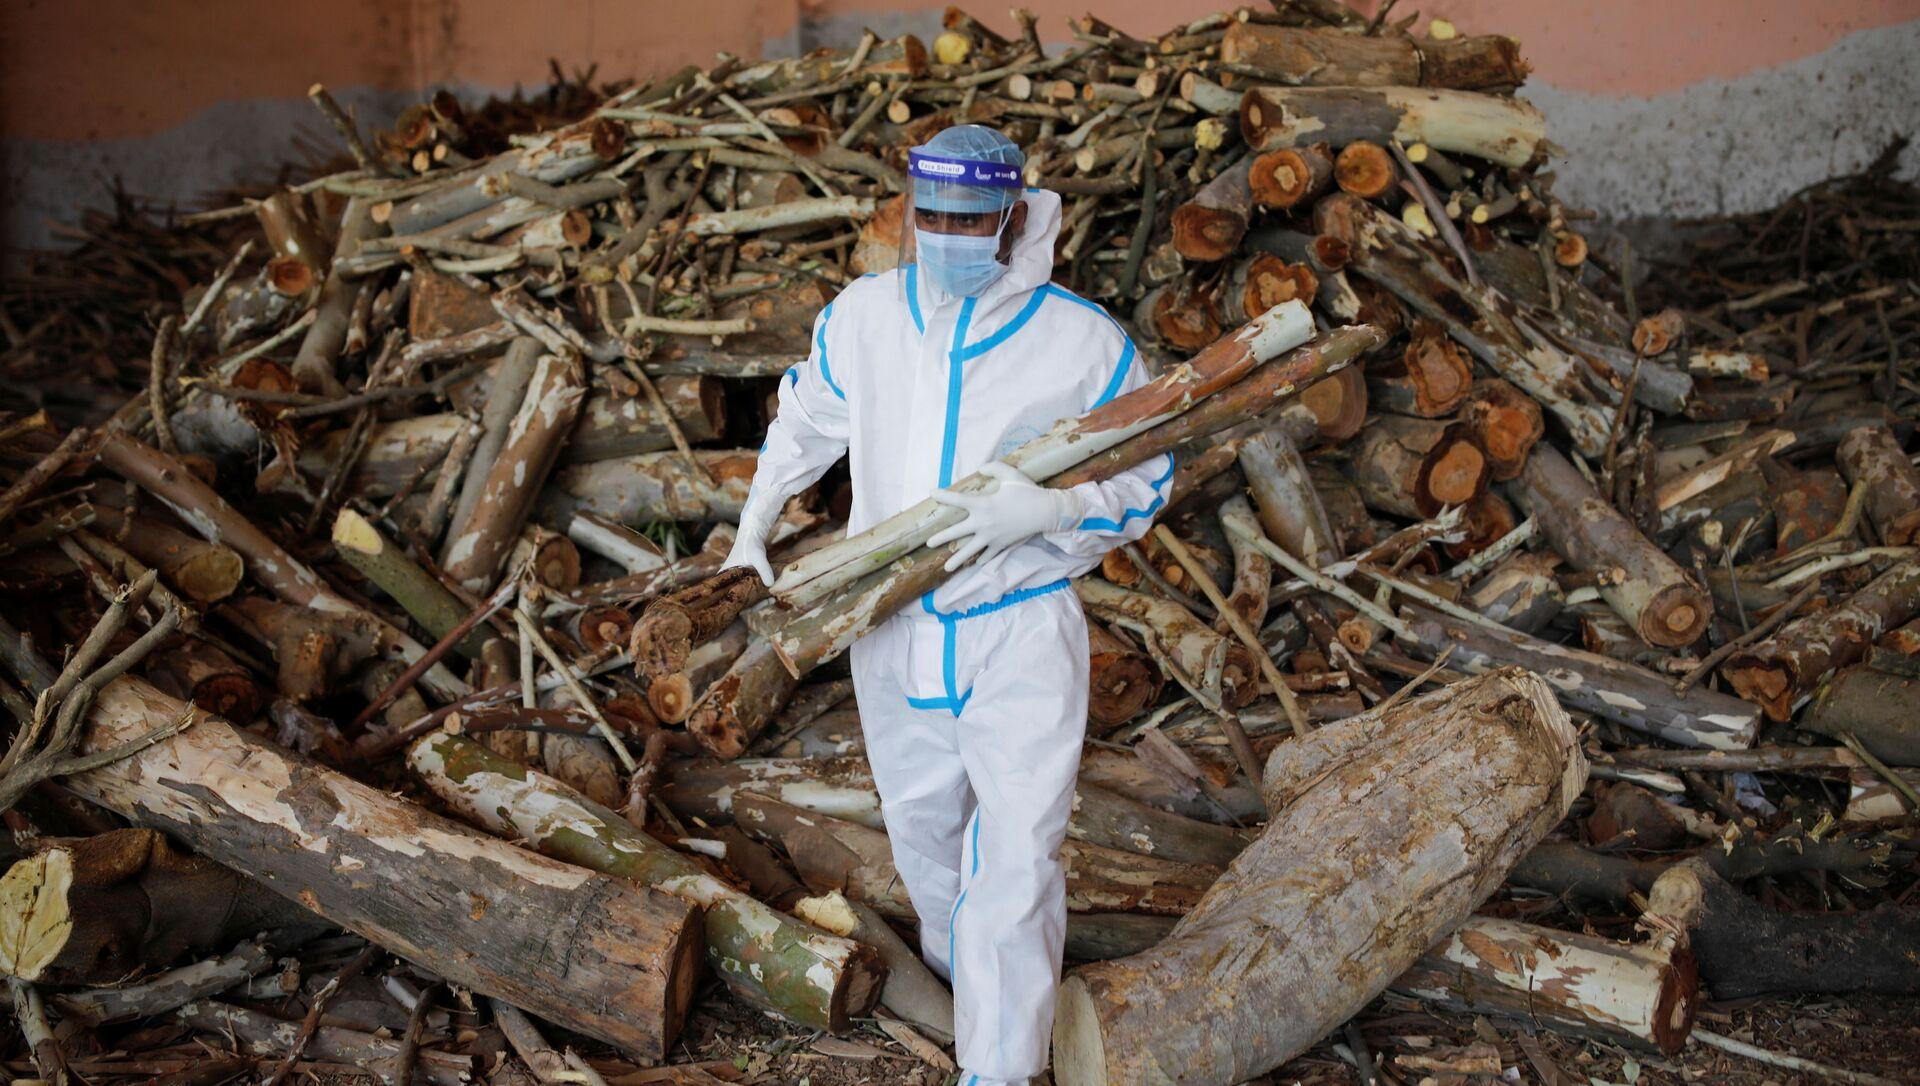 Мужчина несет дрова для подготовки погребальных костров во время массовой кремации в крематории в Нью-Дели, Индия - Sputnik Italia, 1920, 28.04.2021